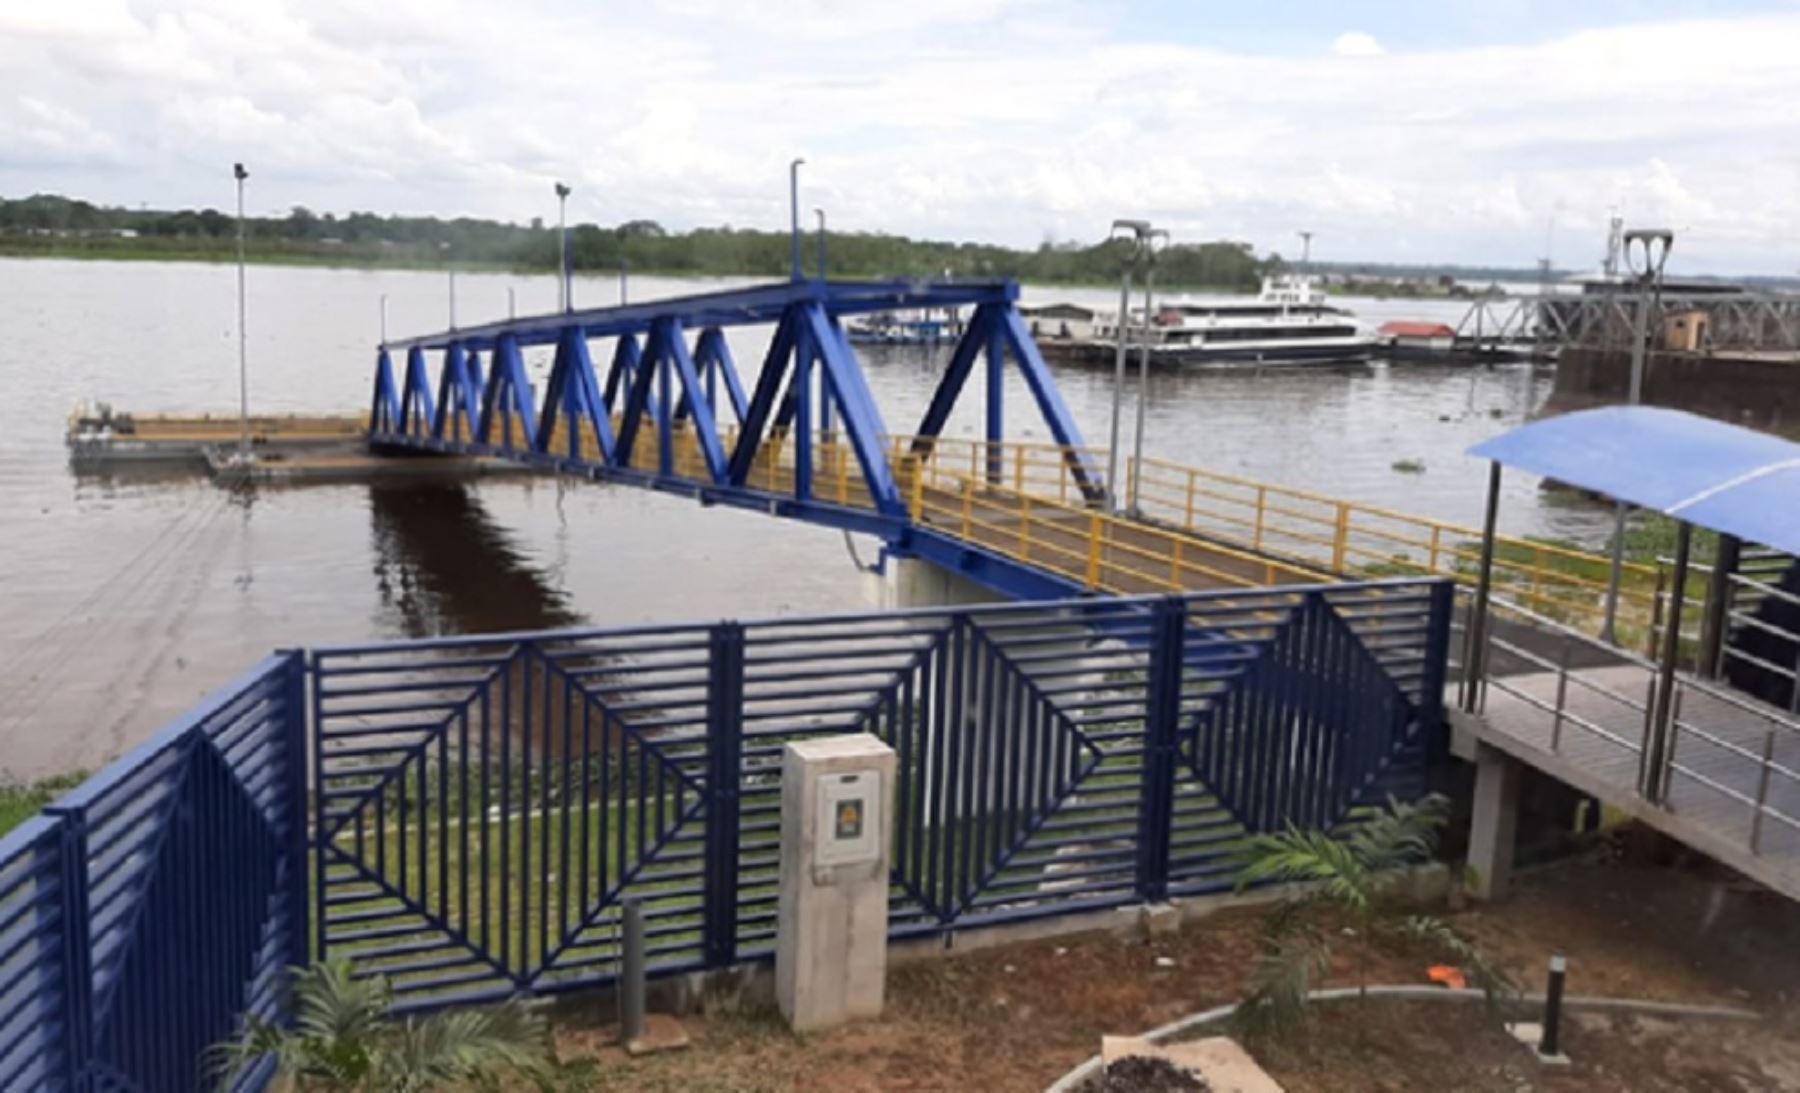 La construcción del nuevo terminal de pasajeros en Iquitos finalizó y está listo para entrar en operaciones en febrero próximo para beneficio de 500,000 ciudadanos de la Amazonía peruana. Foto: MTC.